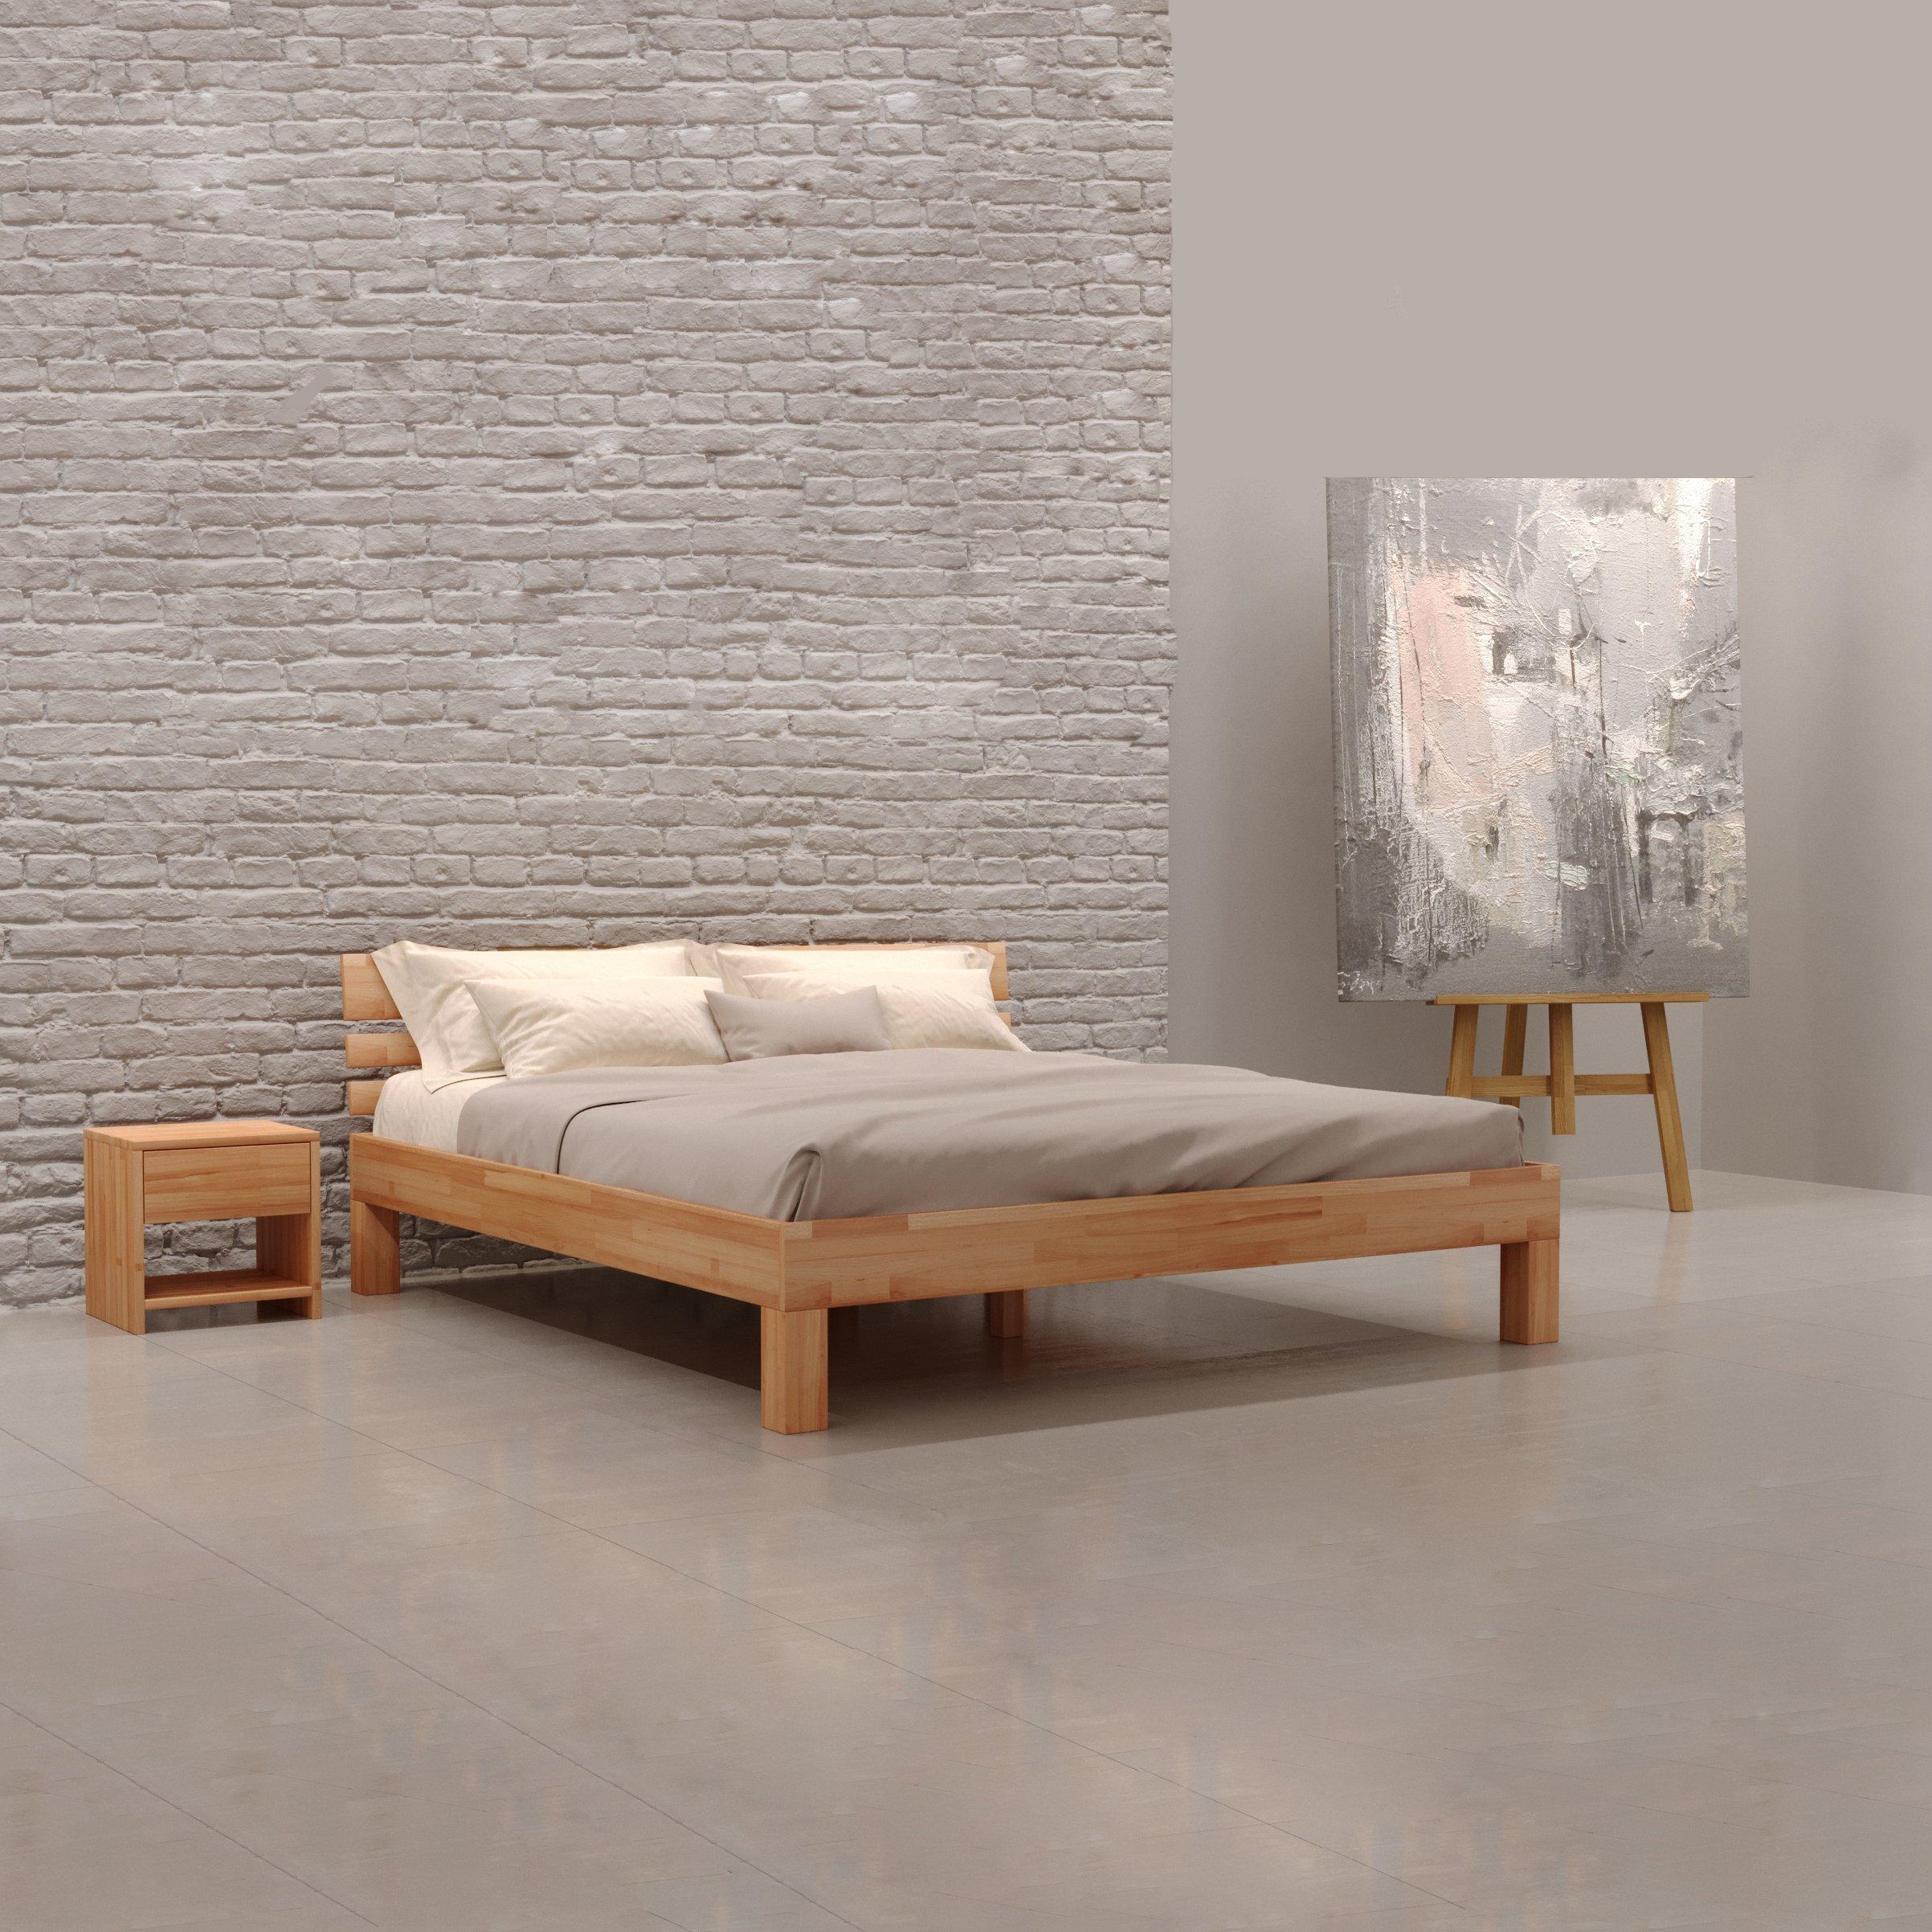 Full Size of Runde Betten Köln 200x200 Ruf Preise Dico Außergewöhnliche Für Teenager Bei Ikea Amazon 180x200 Test Musterring Bett Runde Betten